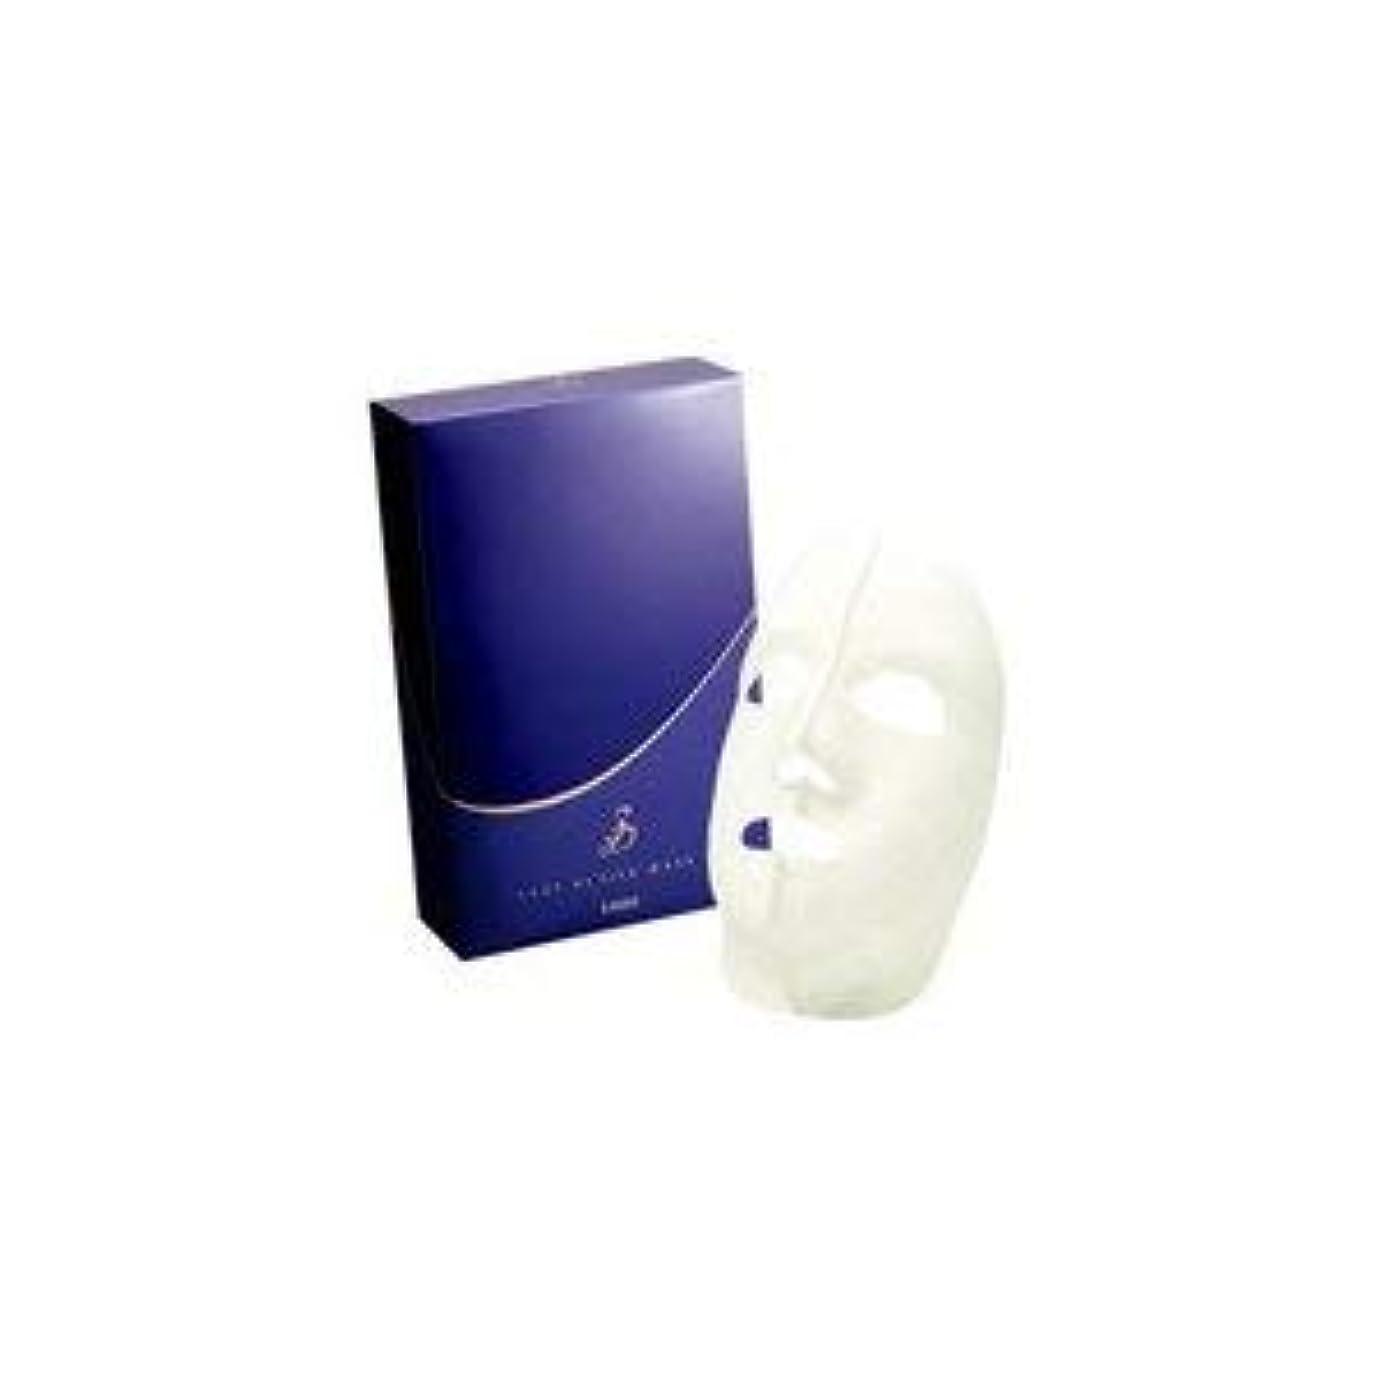 革命影のある数学的なダイアナ ディアナージュ 3D ファストアクティブマスク Ⅱ 30ml×6枚入り Diana